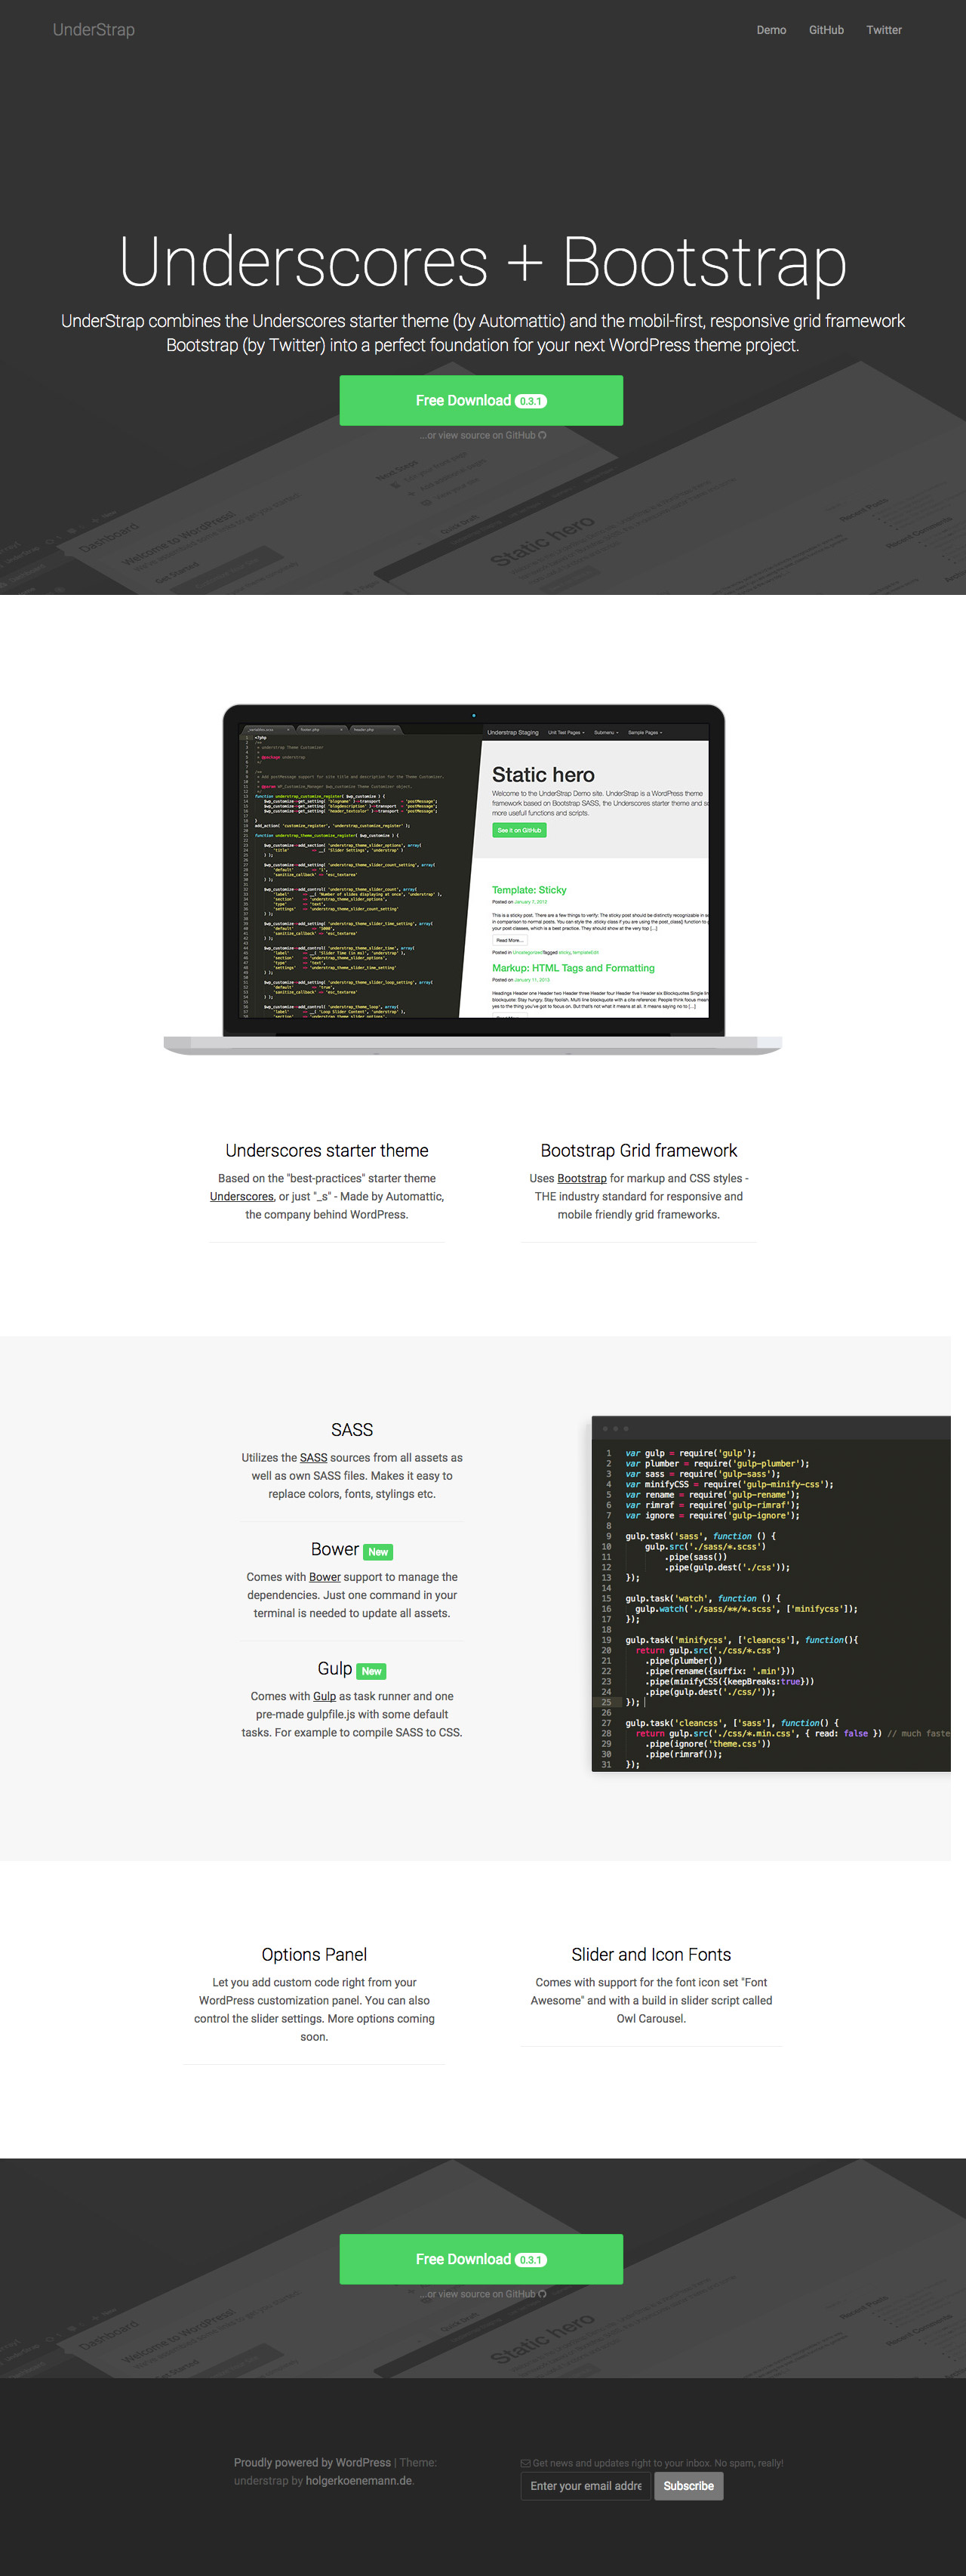 UnderStrap Website Screenshot